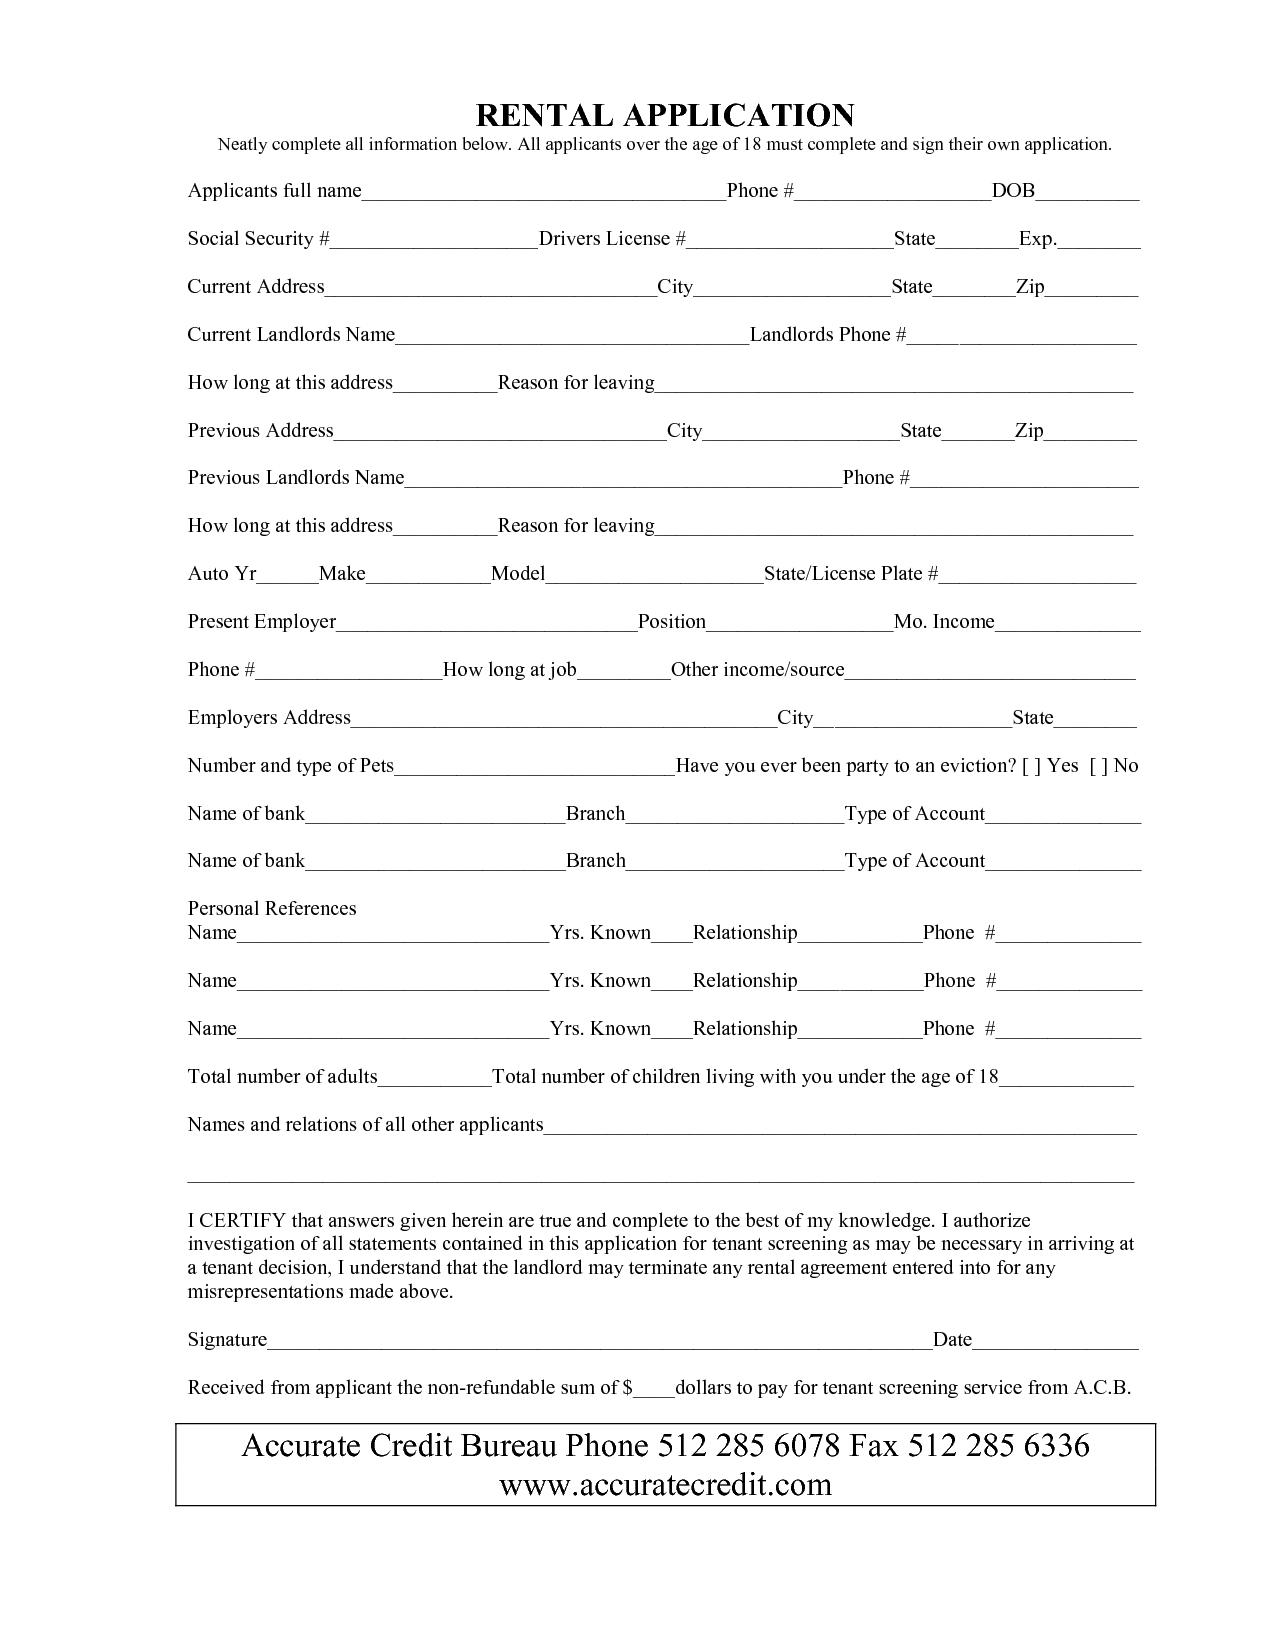 Unique Rental Application form Free xls xlsformat